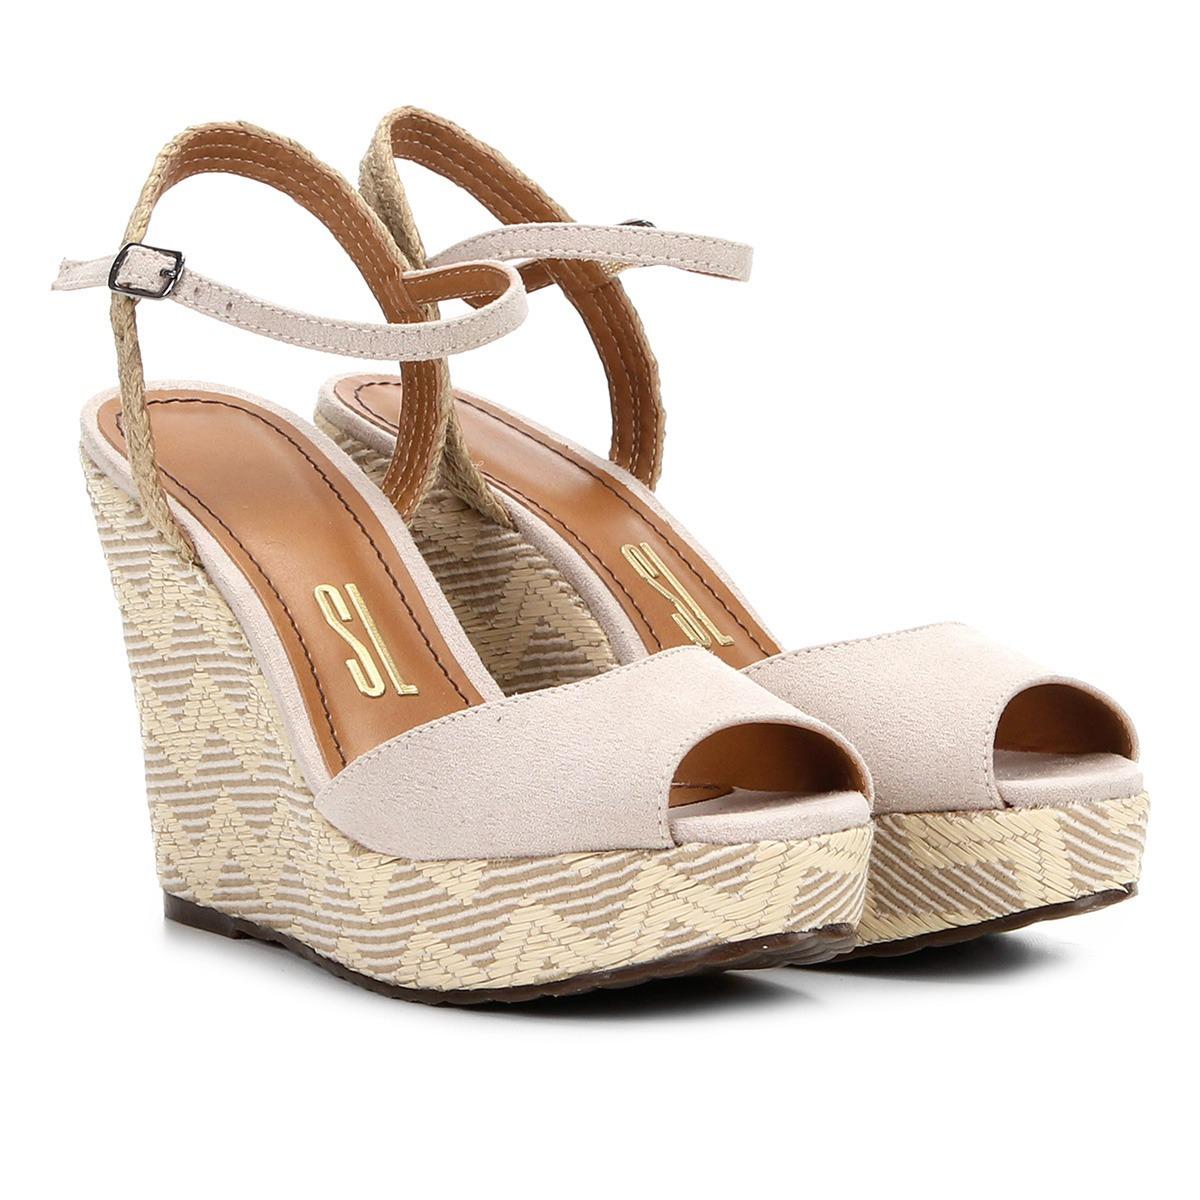 e800e14a07 sandália santa lolla anabela feminina tressê original. Carregando zoom.